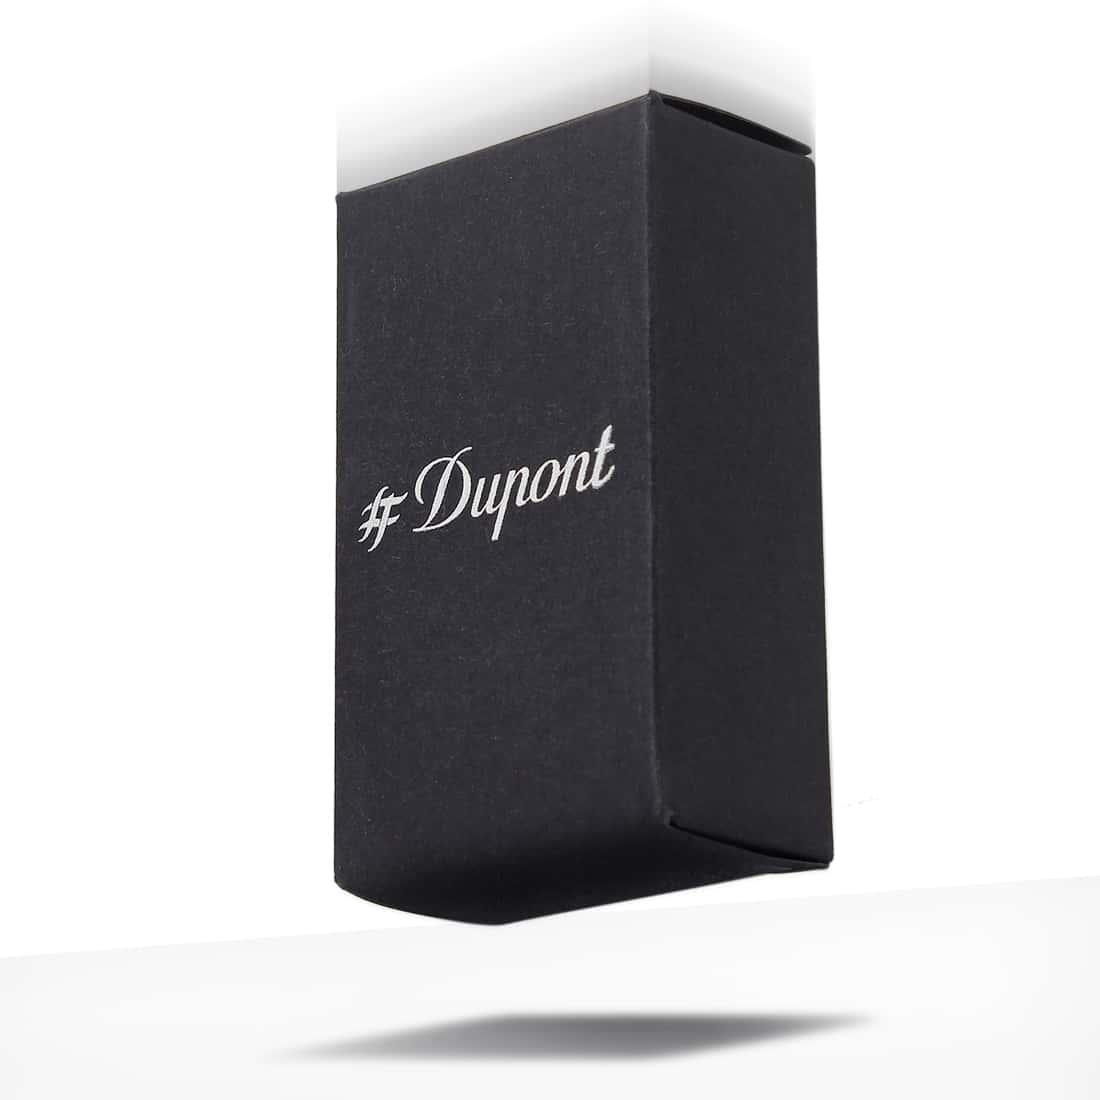 Photo #3 de Briquet S.T. Dupont Hooked As de Pique